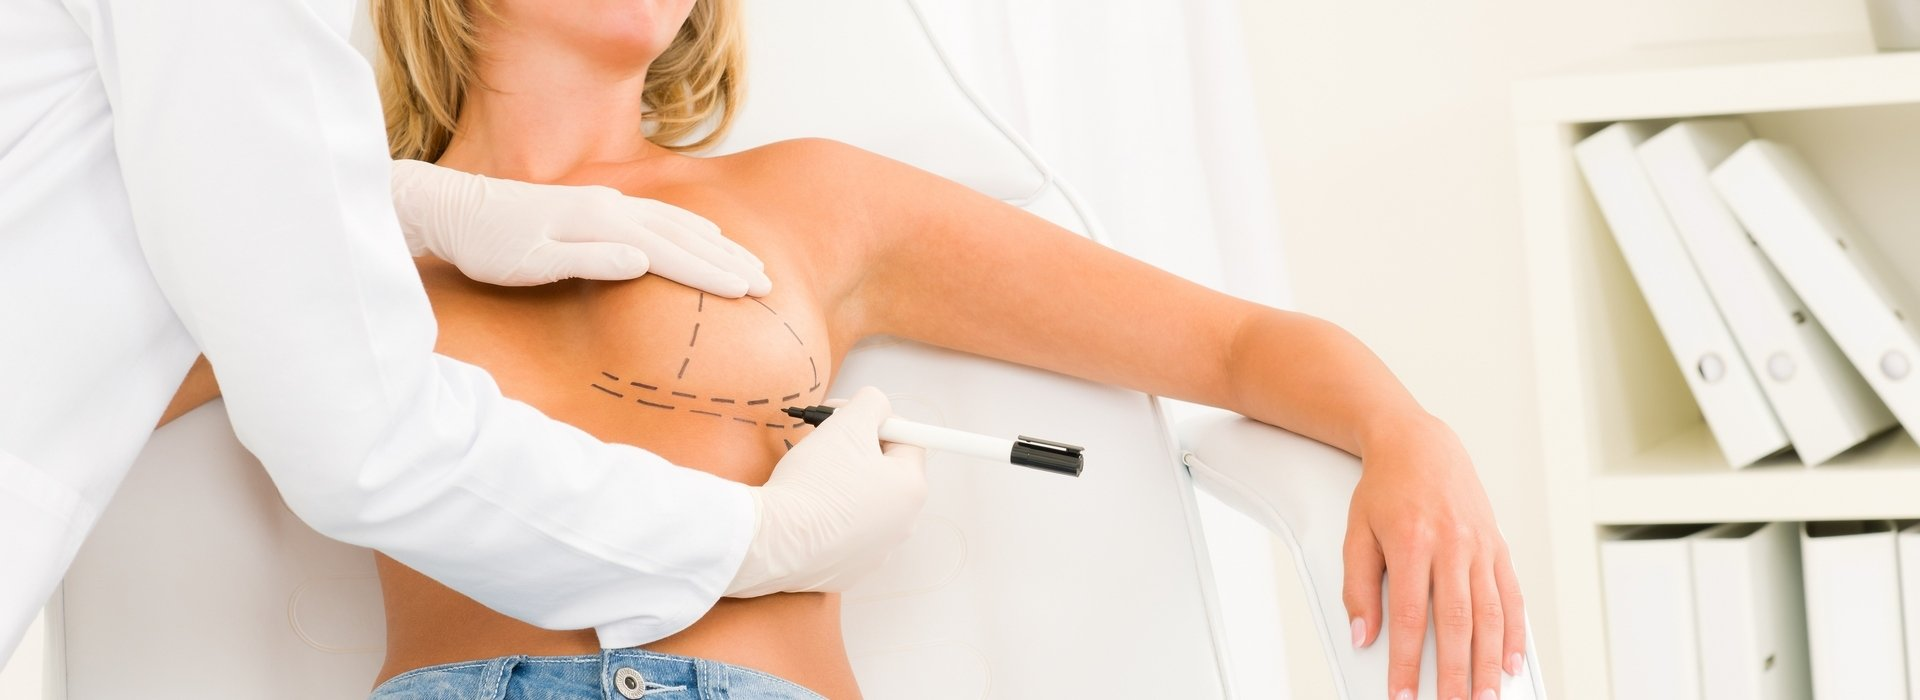 Brustverkleinerung in Budapest – Günstige Brustplastik Budapest